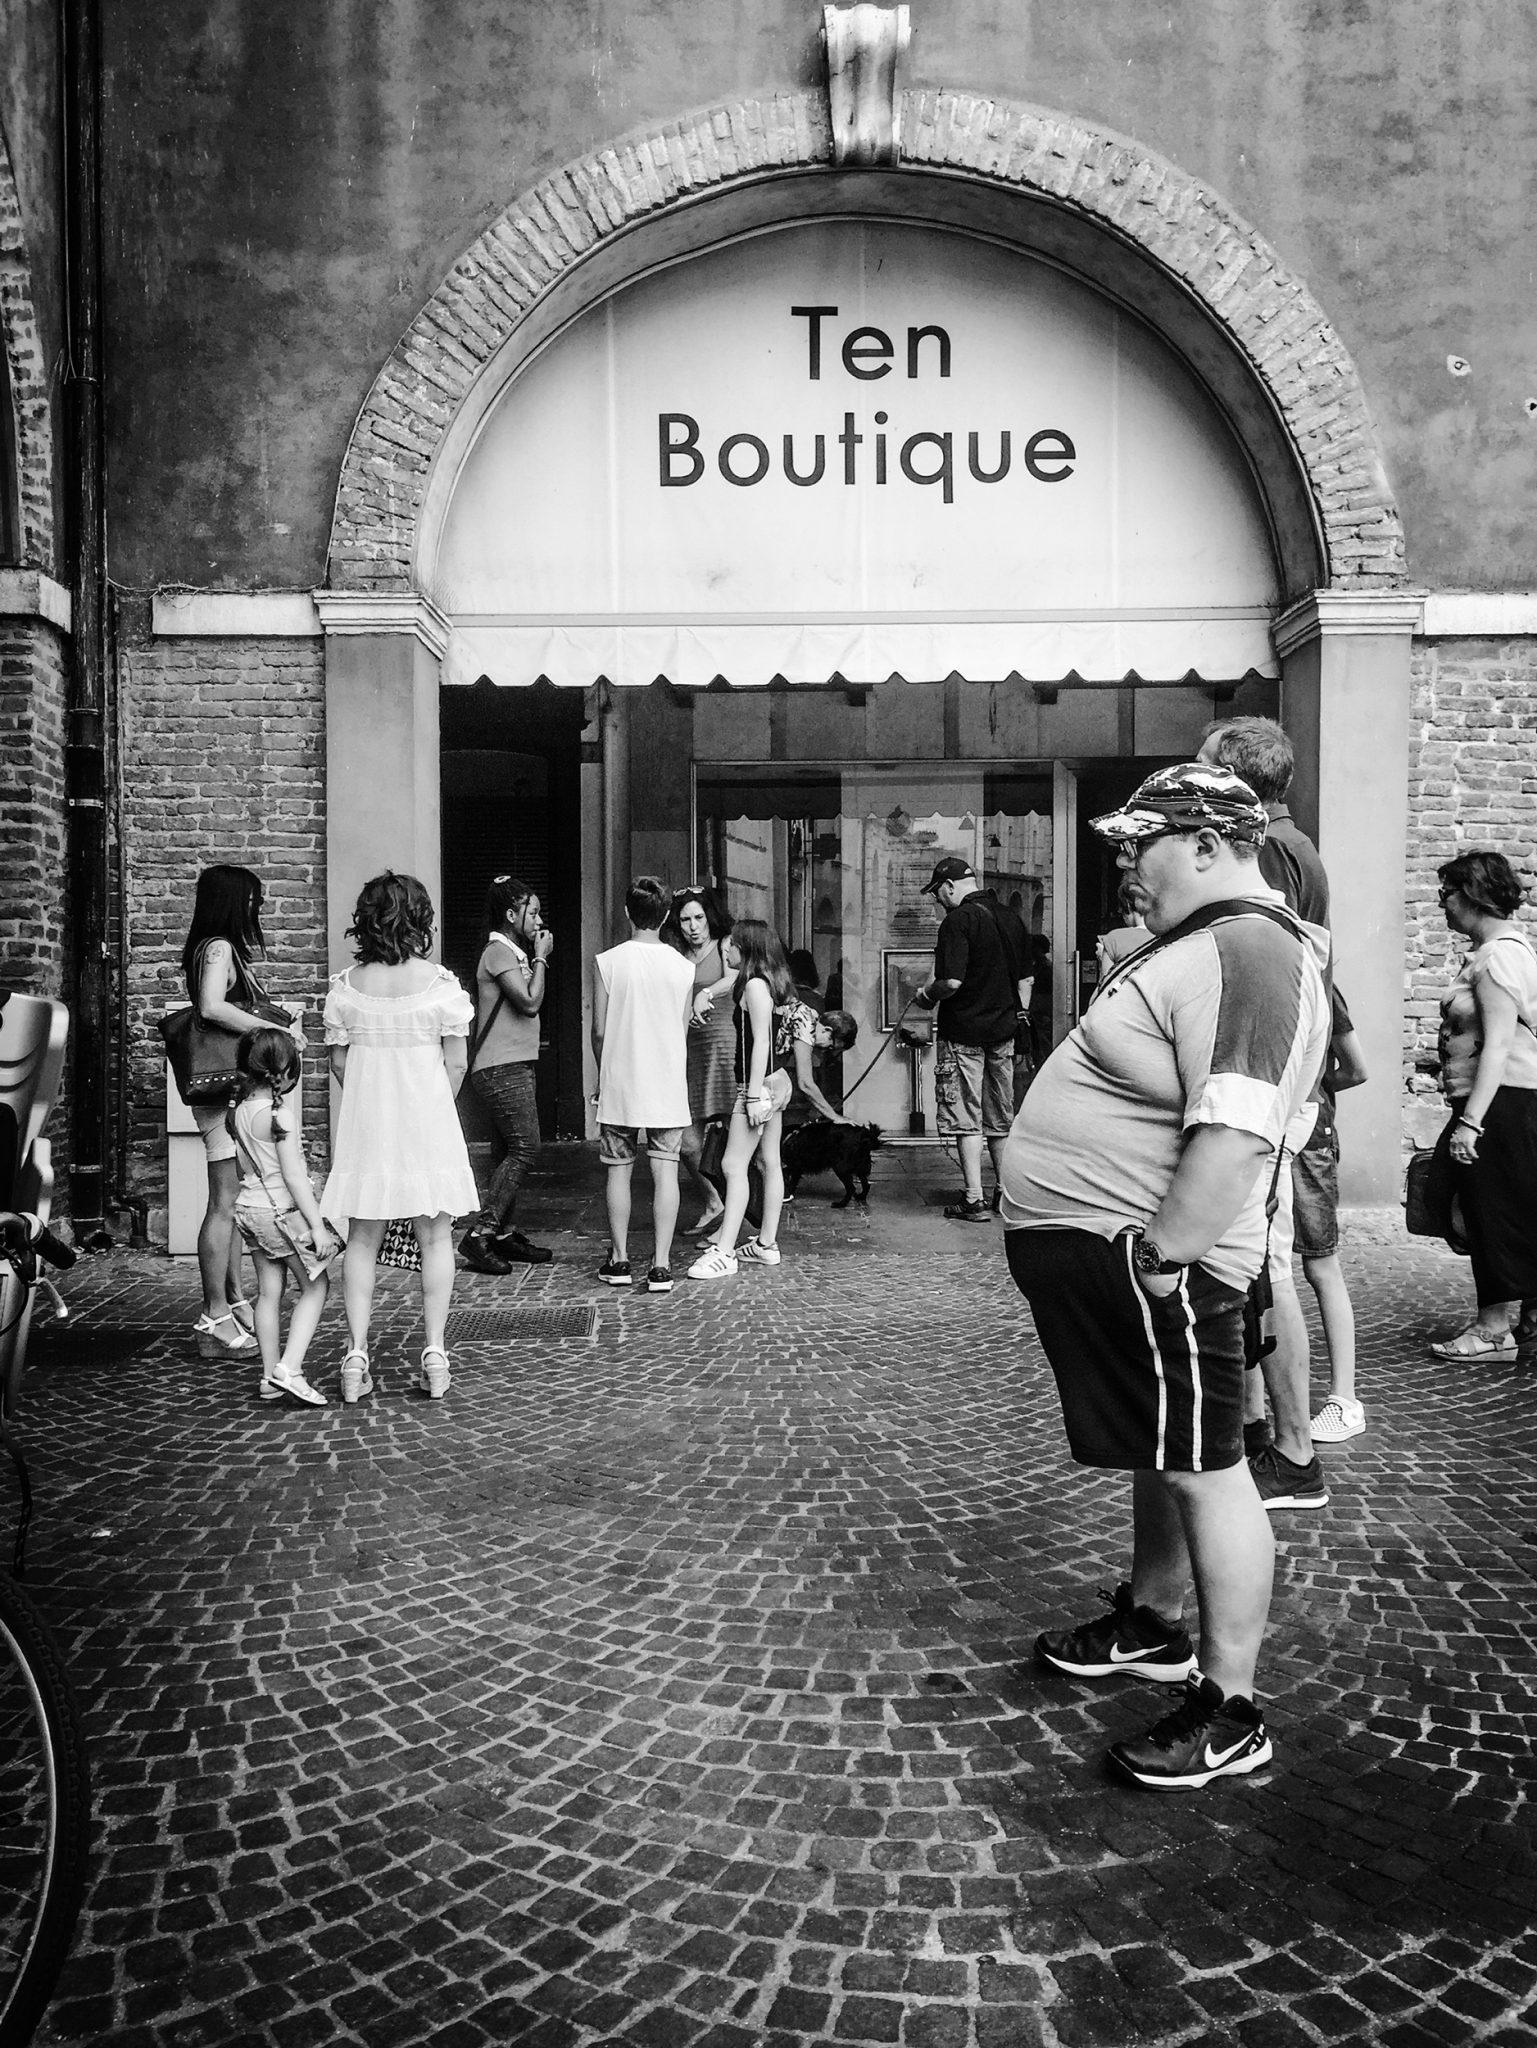 Sunday in Piazza Vittorio, people queueing for ice cream. Rovigo, 2017